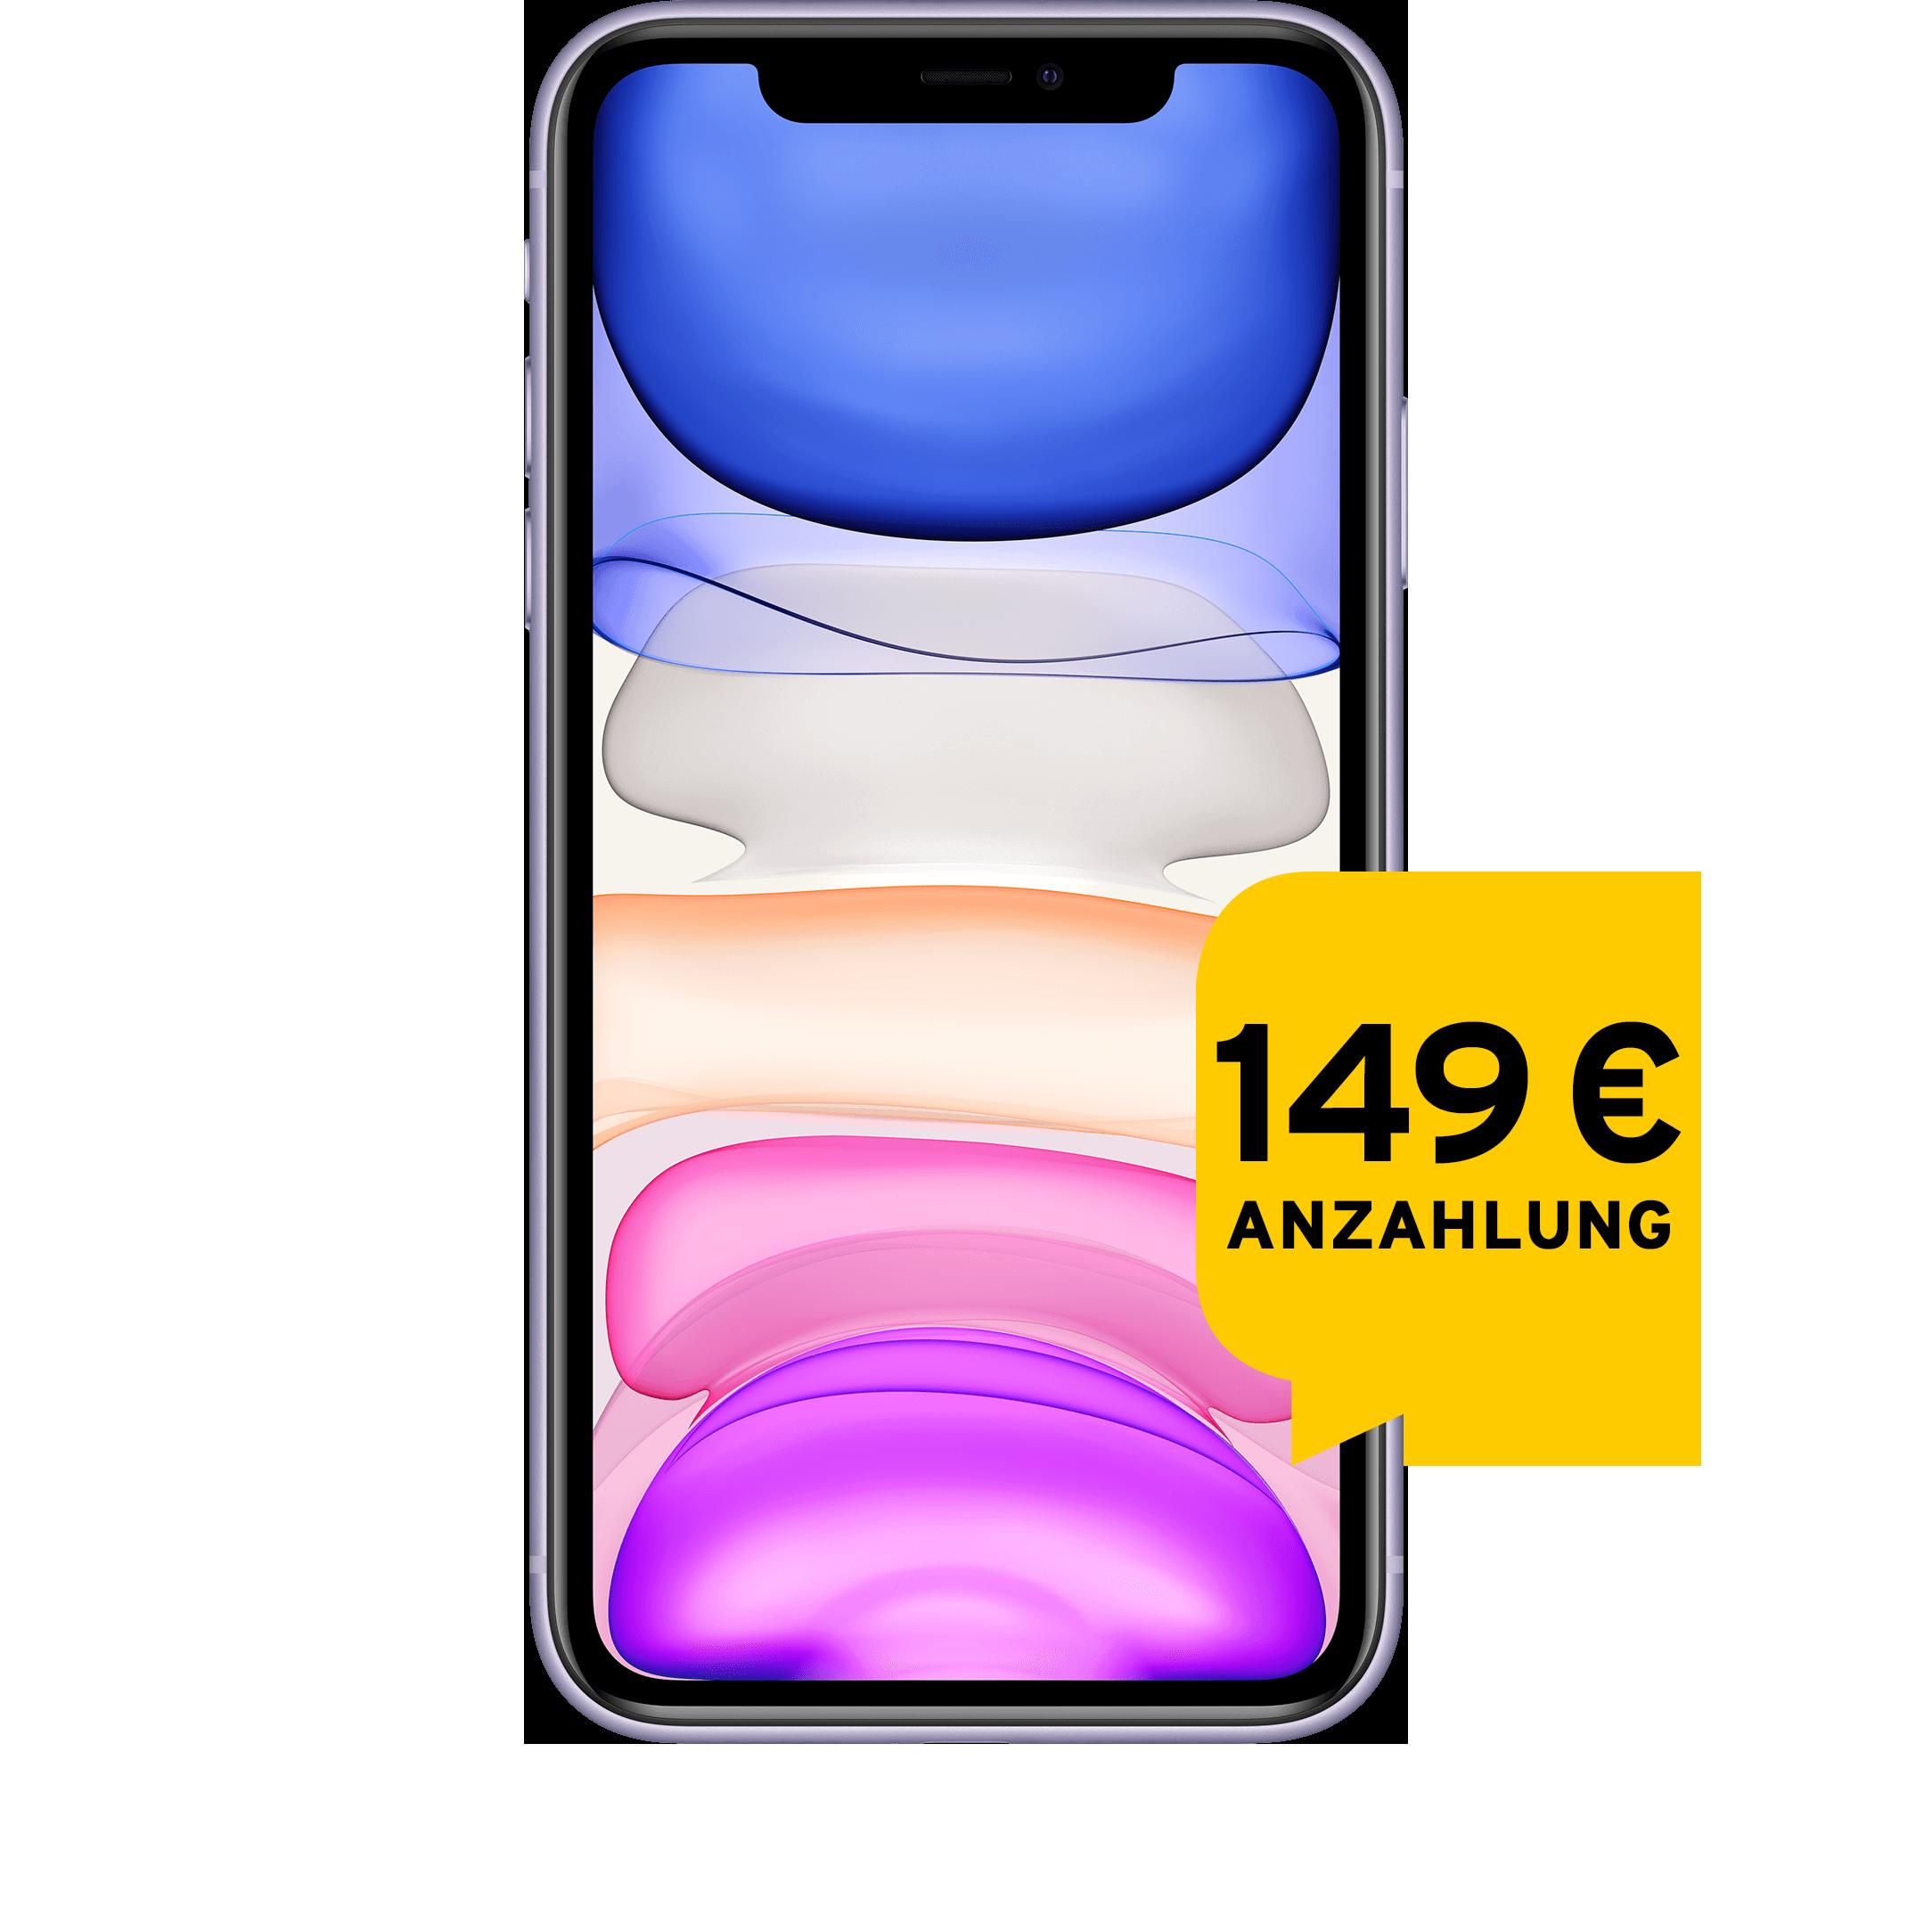 Günstig Kaufen beim Preisvergleich-Apple iPhone 11 128 GB violett Aktion mit Allnet Flat L